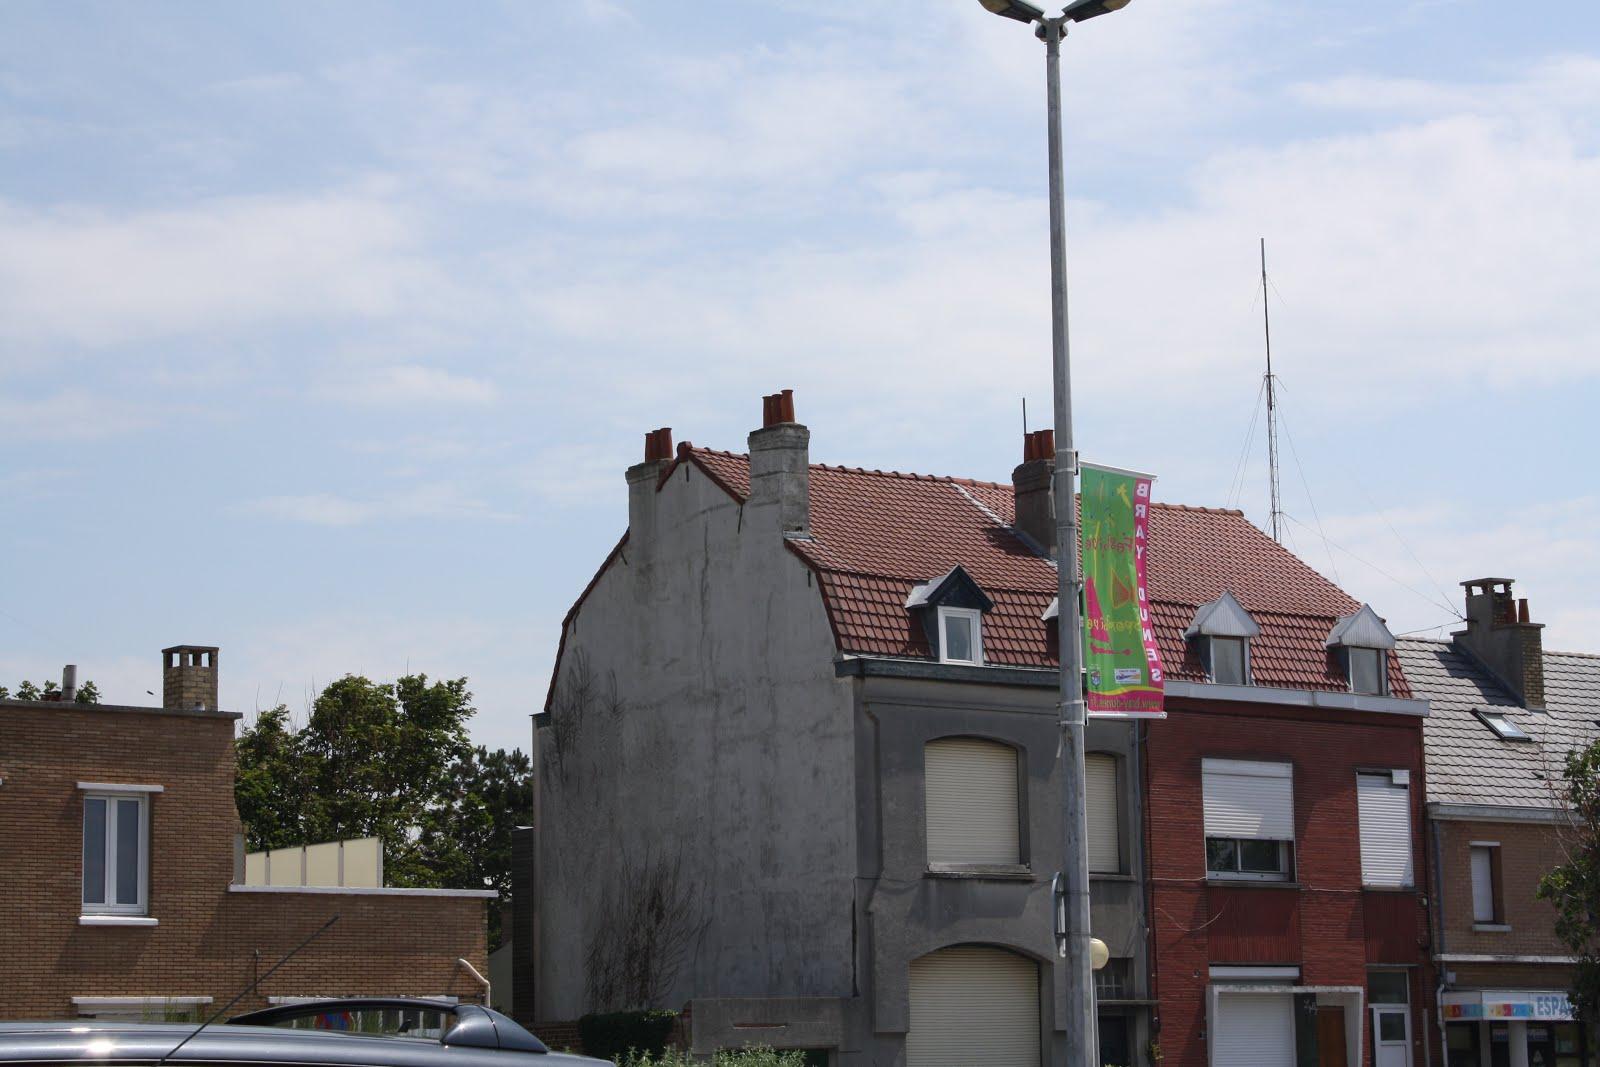 De Panne,Belgium?